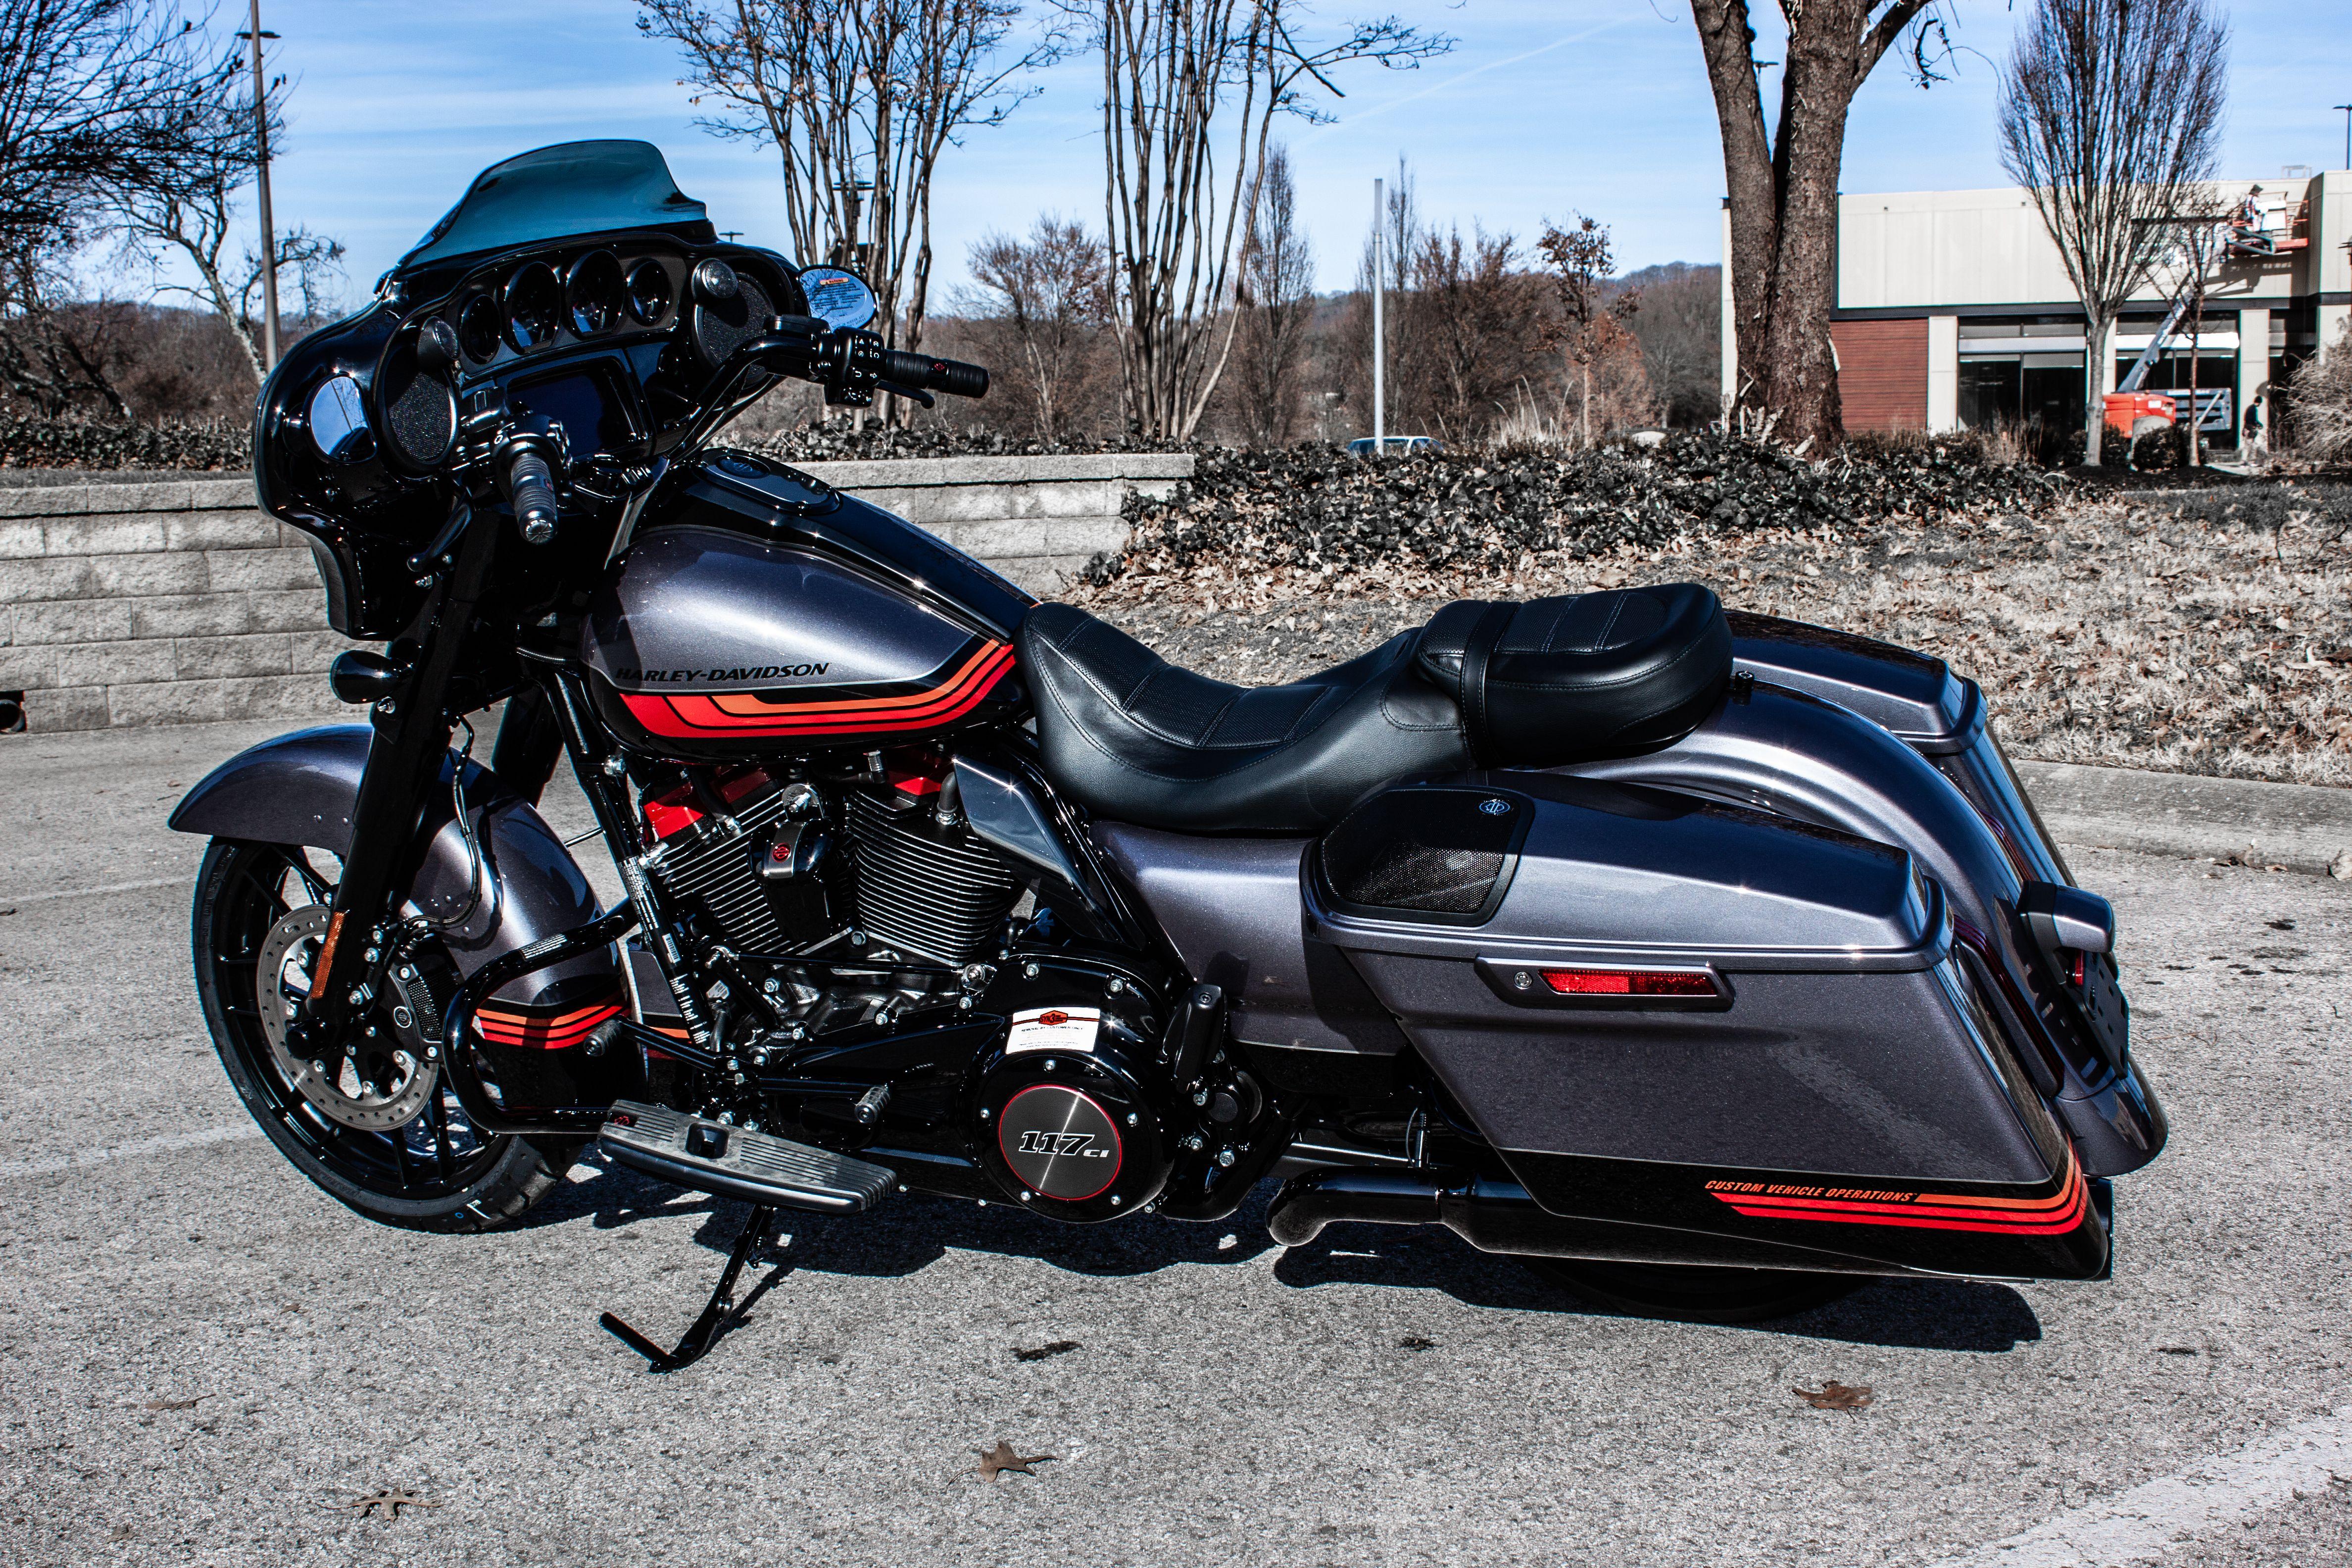 New 2020 Harley-Davidson CVO Street Glide